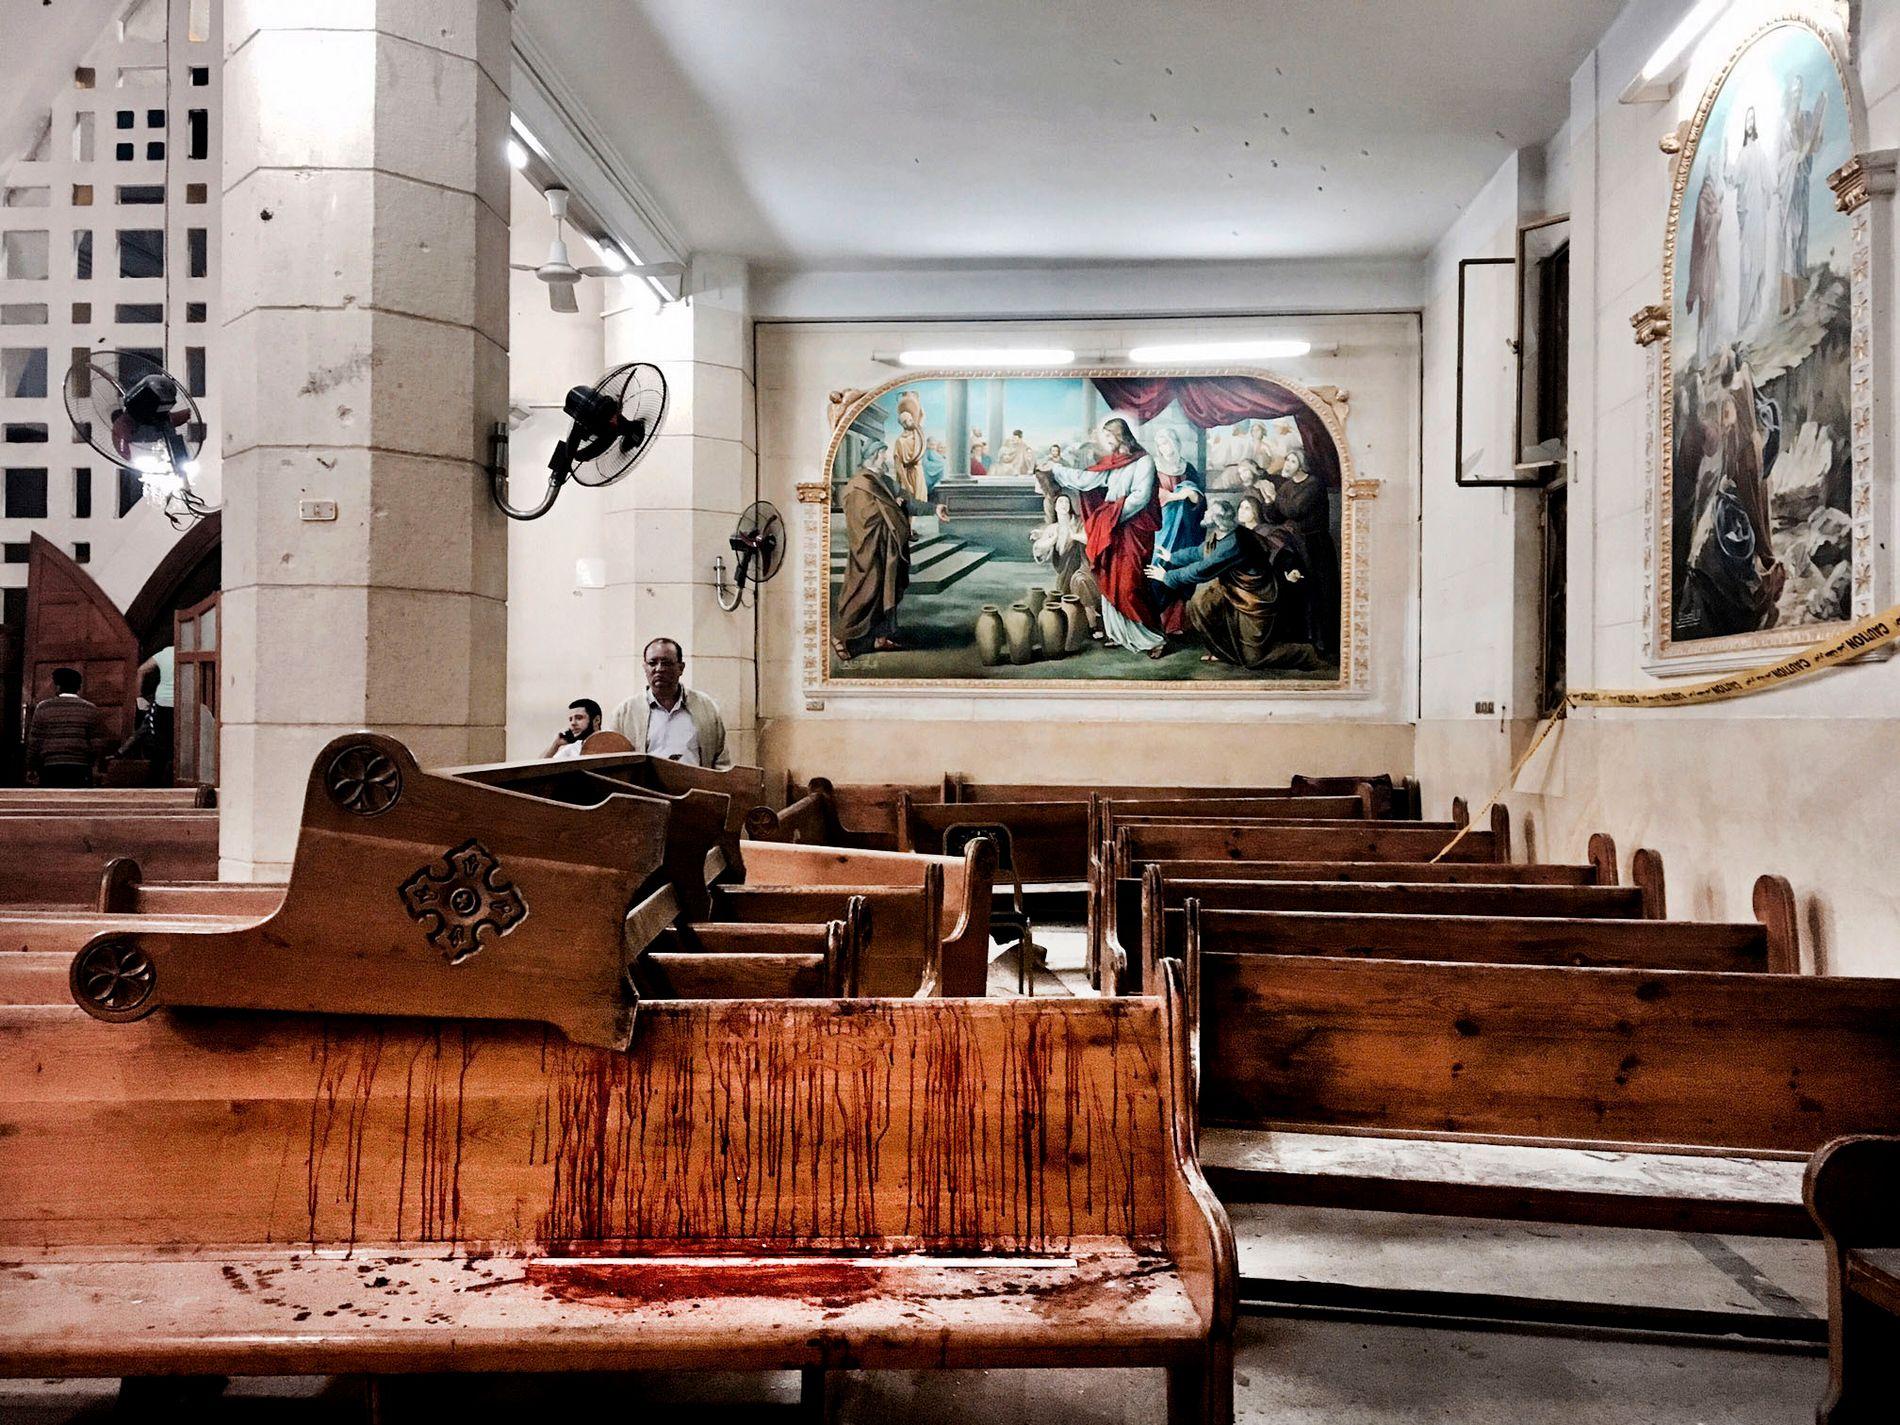 BLODIG: 9. april i fjor ble kirken St. Georg i Tanta, en elv langs Nilen, rammet av et bombeangrep. 27 mennesker mistet livet.